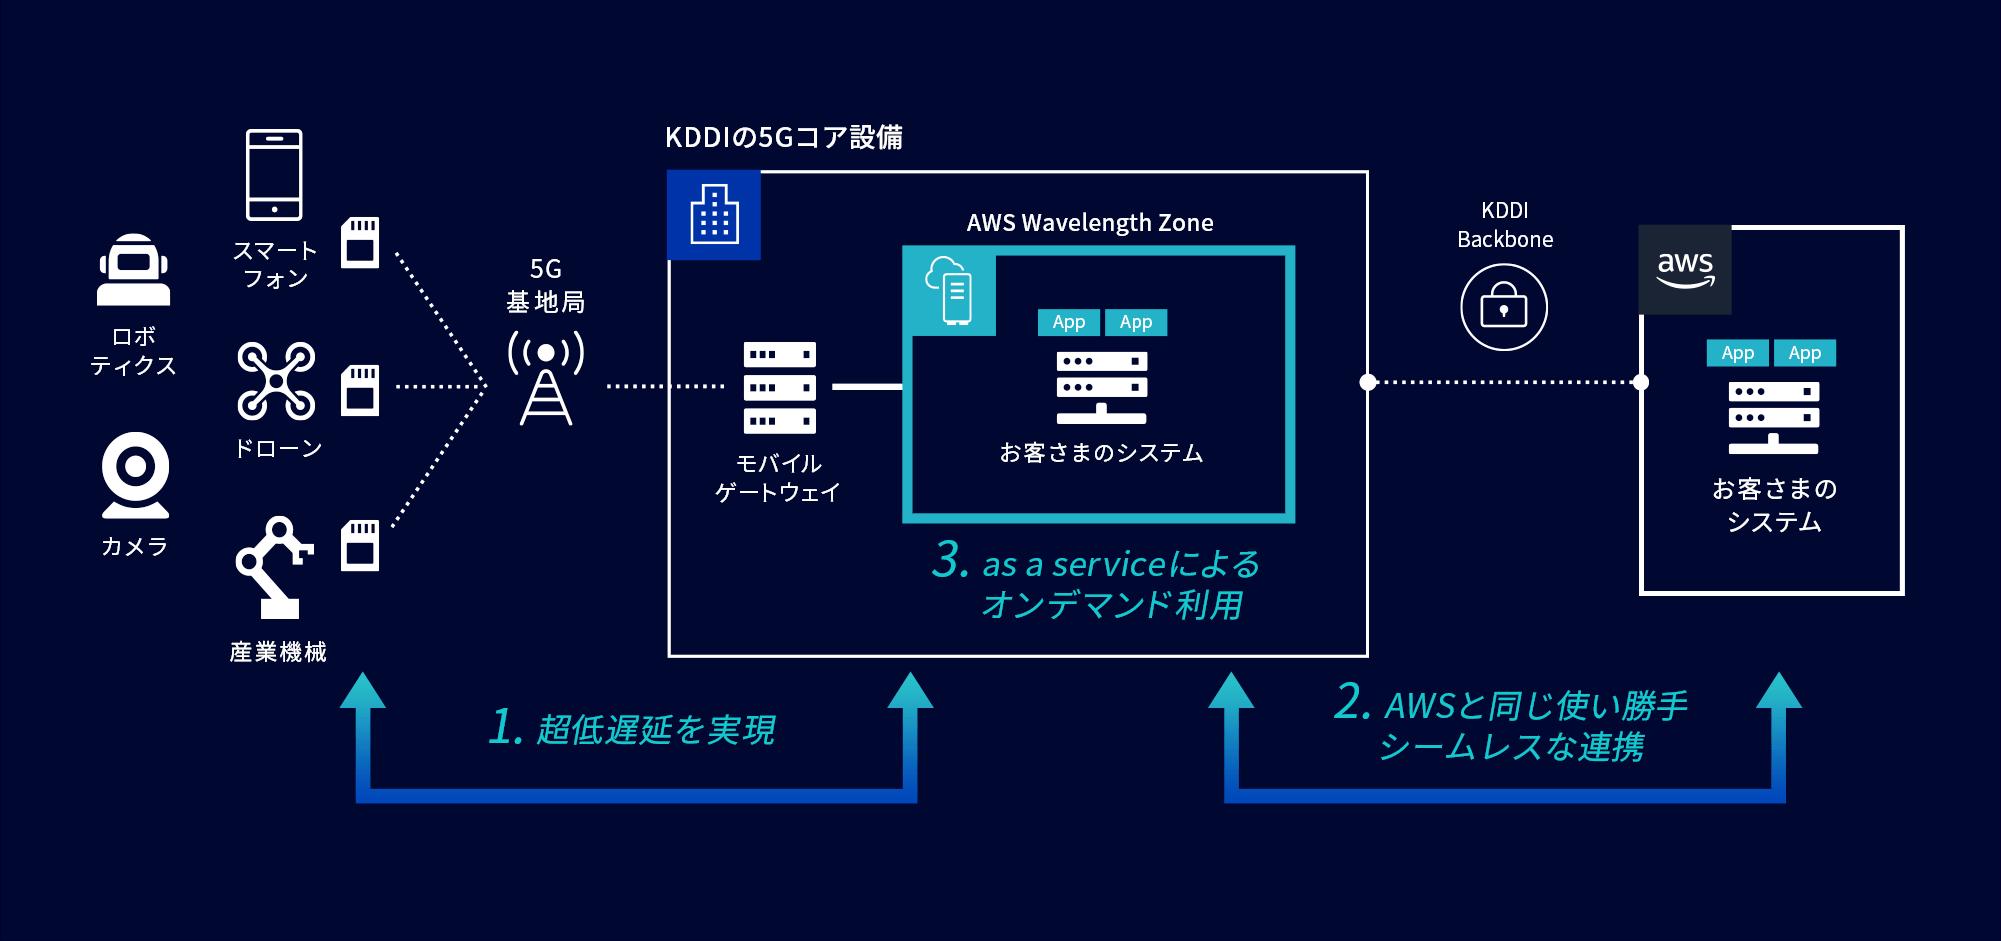 1.超低遅延を実現 2.AWSと同じ使い勝手シームレスな連携 3.as a serviceによるオンデマンド利用